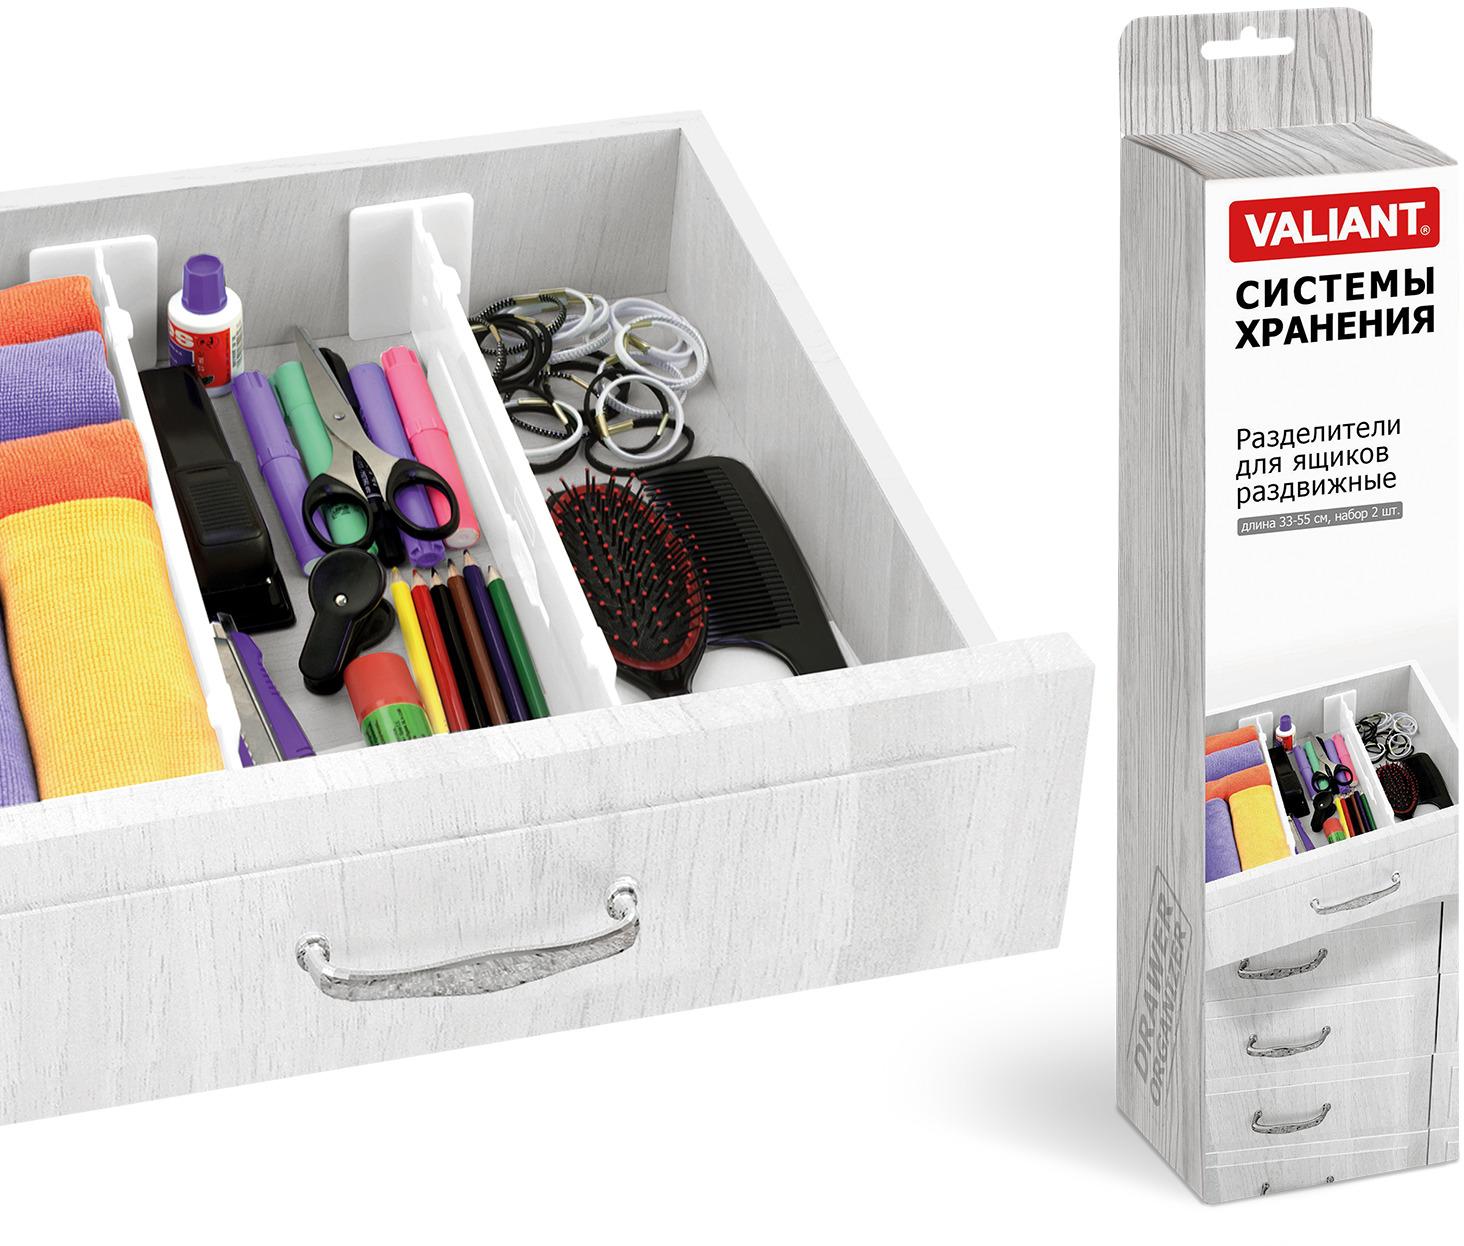 разделители в ящик valiant valiant mp002xu0e98t Разделители для ящика Valiant Drawer Organizer, цвет: белый, 32.6 x 8.8 см, 2 шт